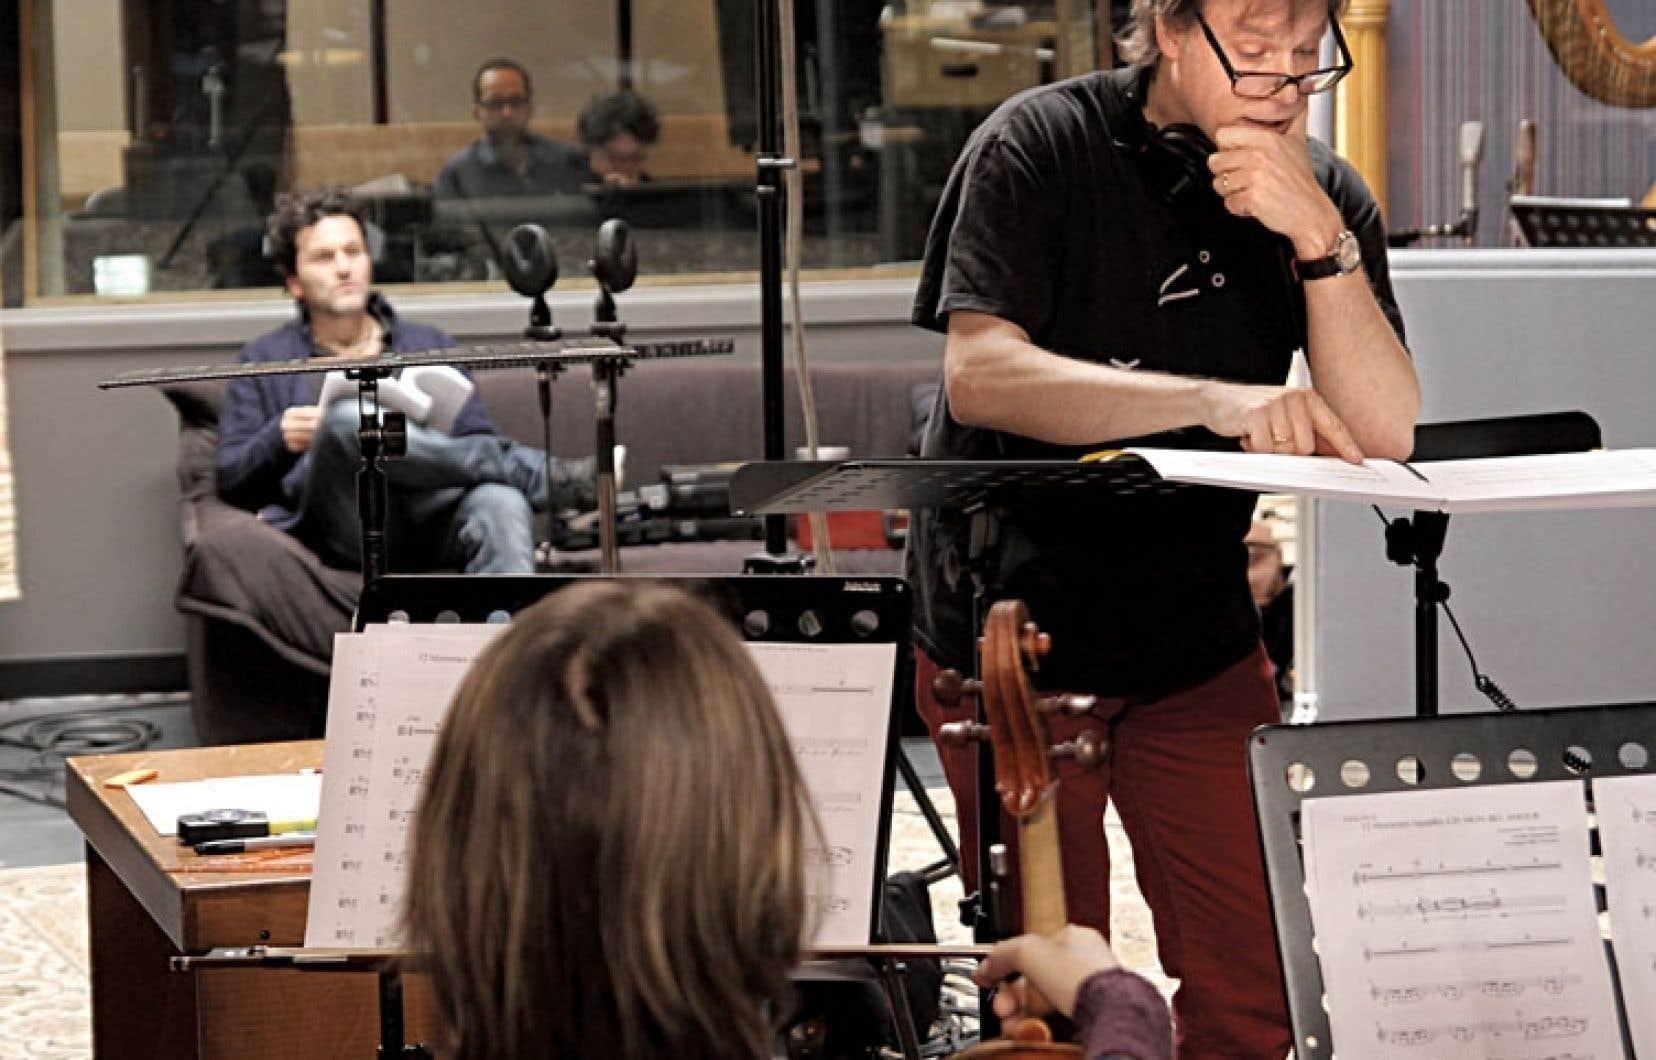 Pour la version symphonique des douze hommes rapaillés, Blair Thomson a décidé de rencontrer chaque chanteur, comme Martin Léon qu'on voit ci-dessus en arrière-plan.